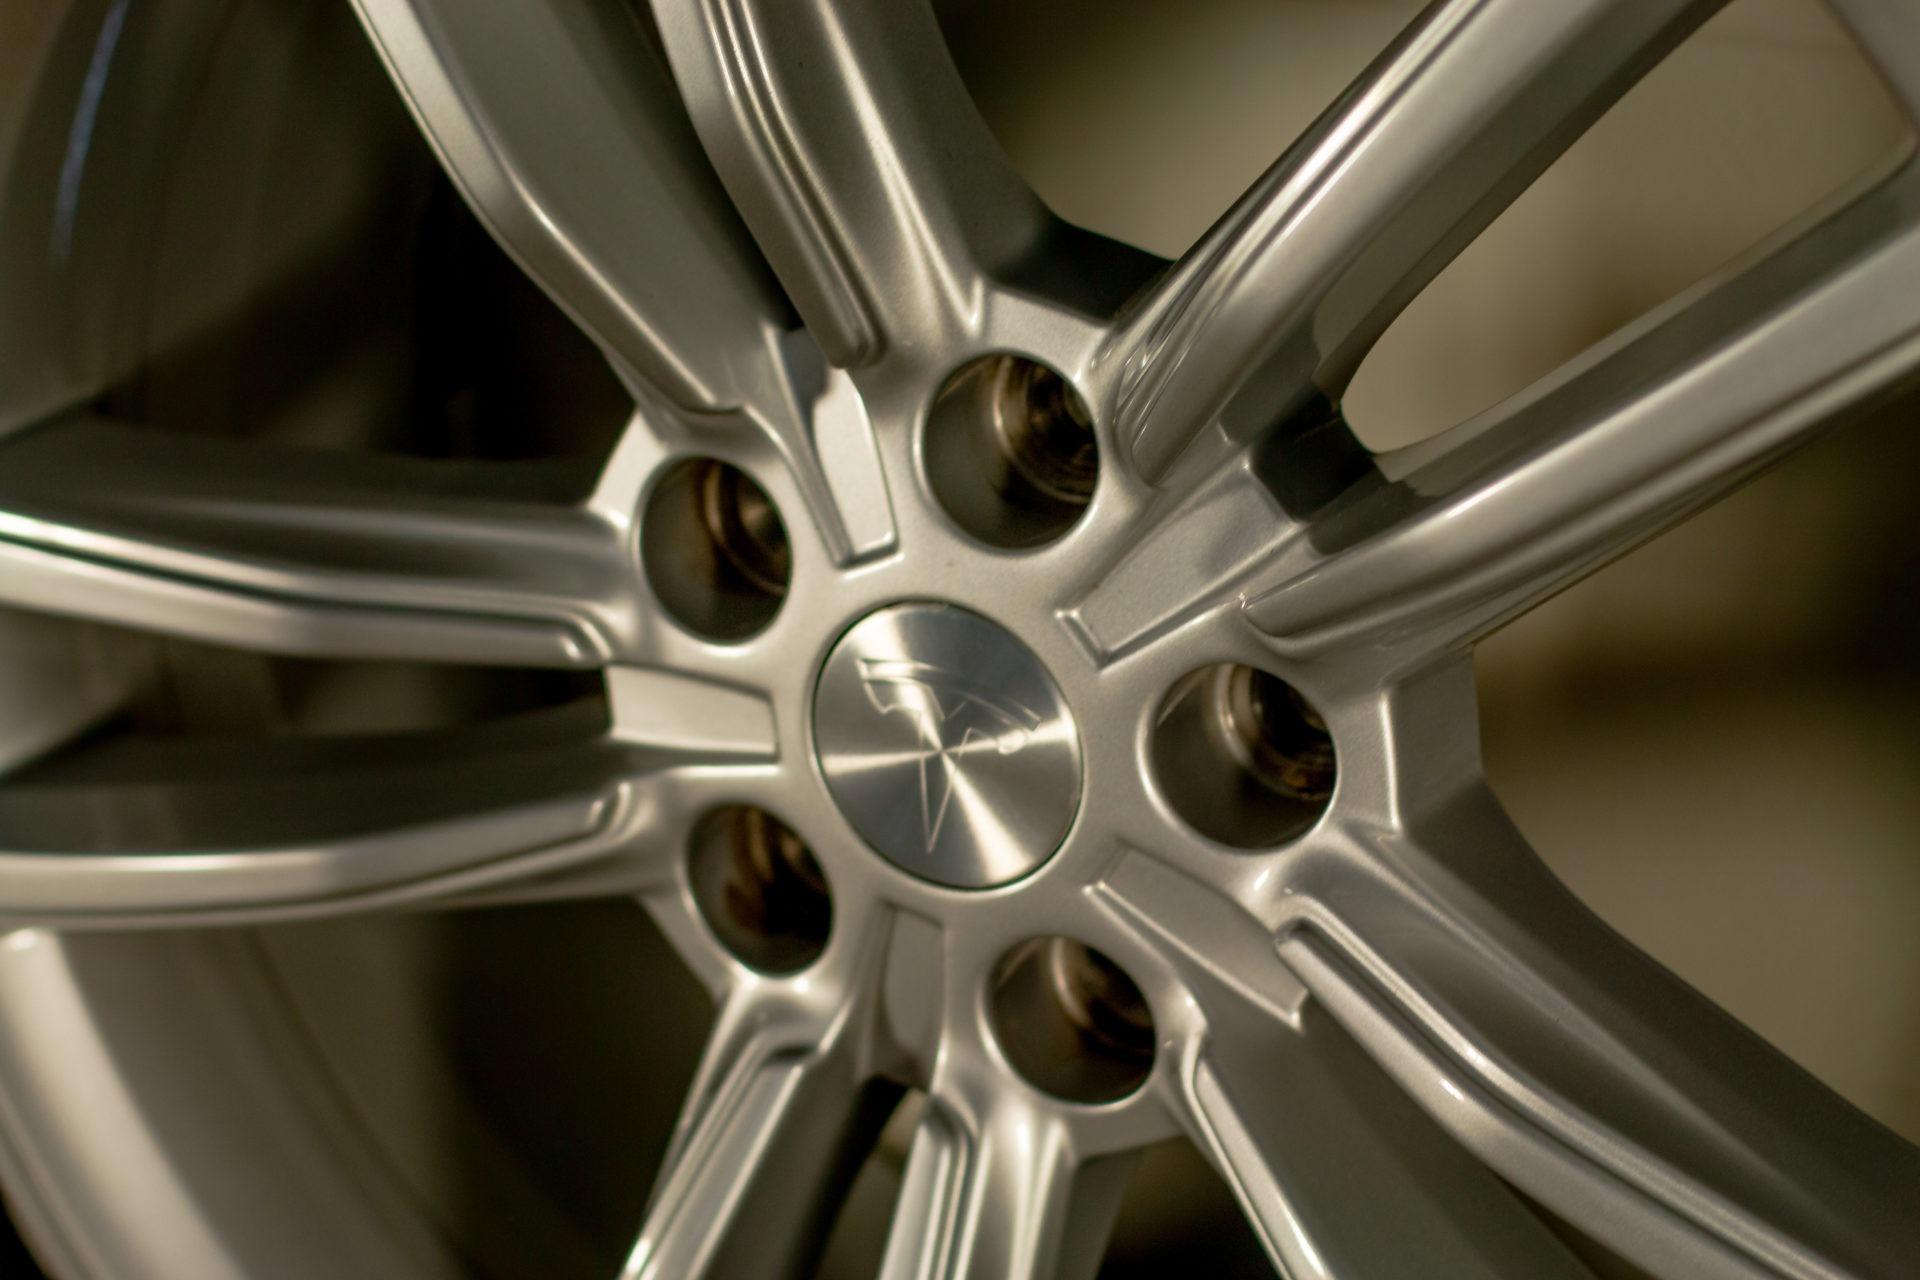 Original 19 Zoll Felgen Standard Michelin DOT Felge Reifen Sommerreifen Allwetterreifen Rad Räder Felgensatz Radsatz gebraucht RDKS